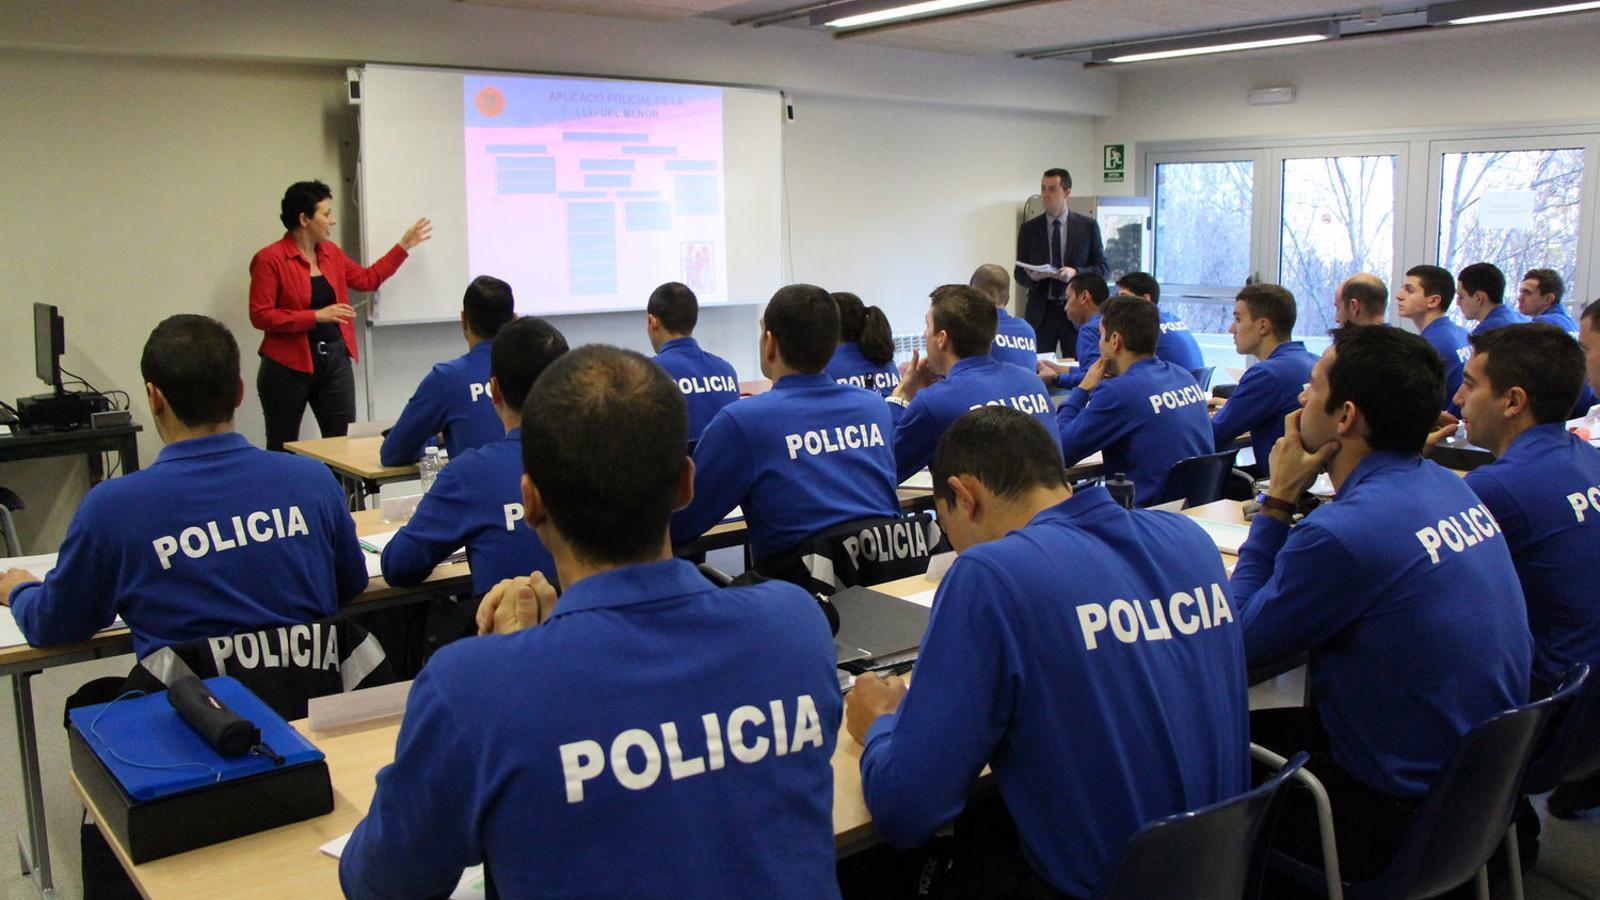 Una formació teòrica de la 53a promoció d'agents de policia. / C. G. (ANA)